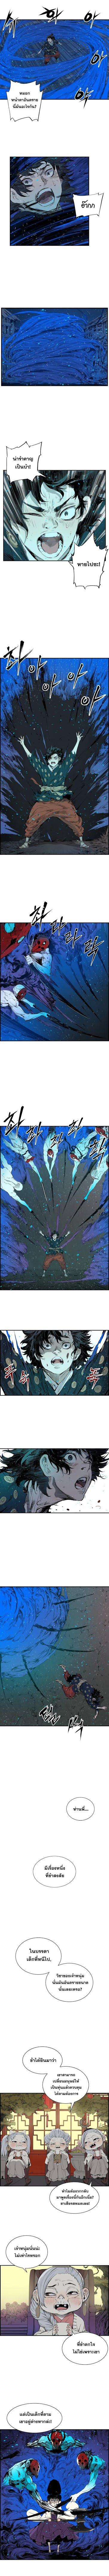 อ่านการ์ตูน Sword Sheath's Child ตอนที่ 8 หน้าที่ 5